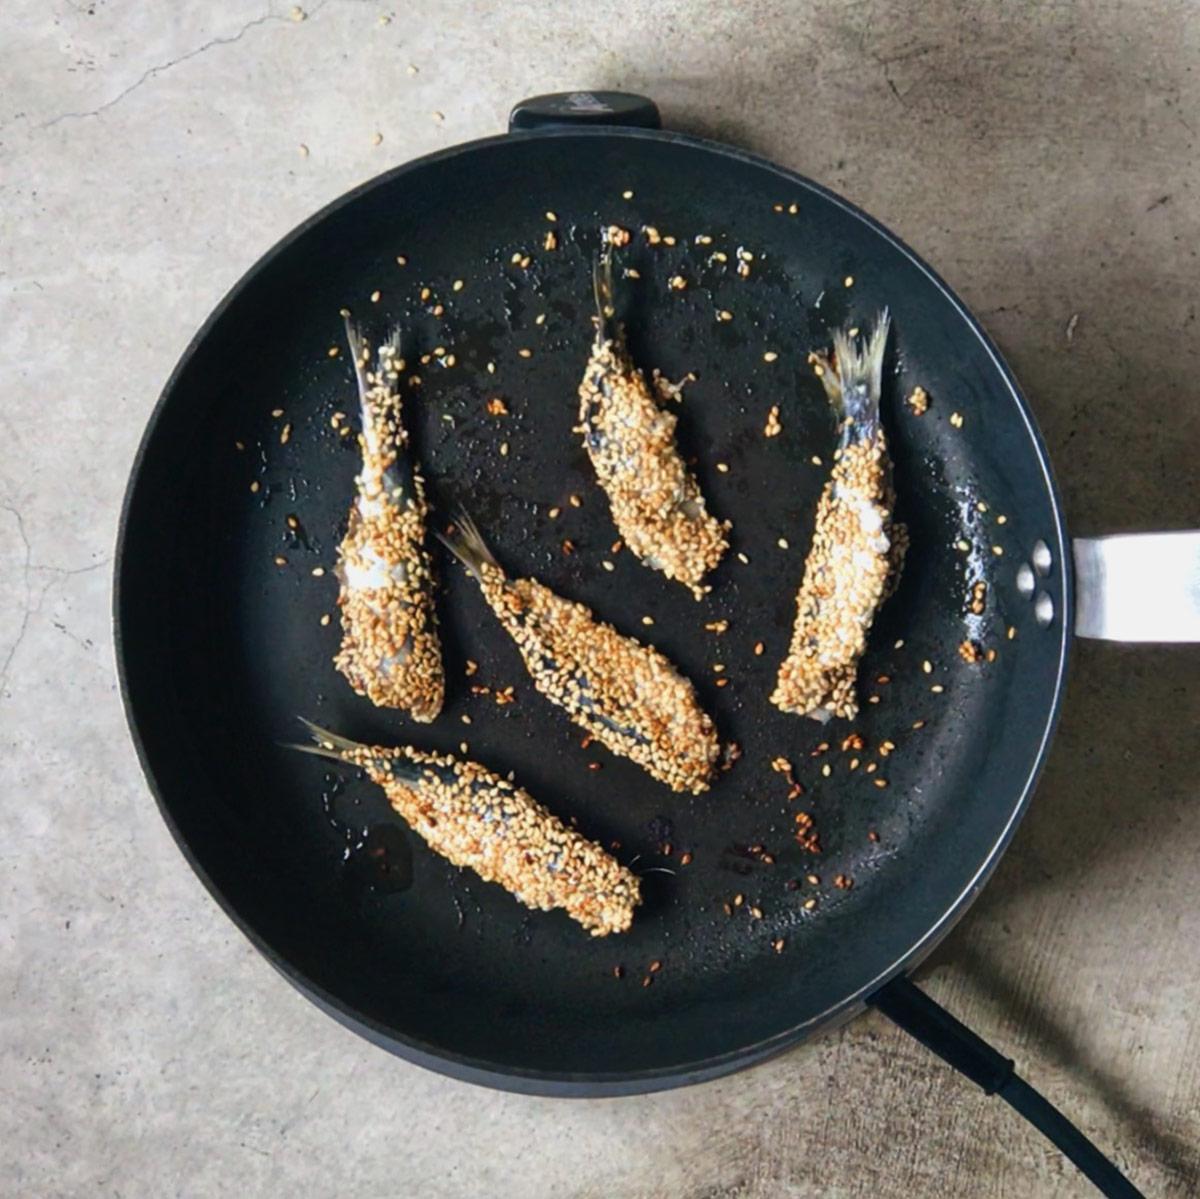 Receta de sardinas fritas